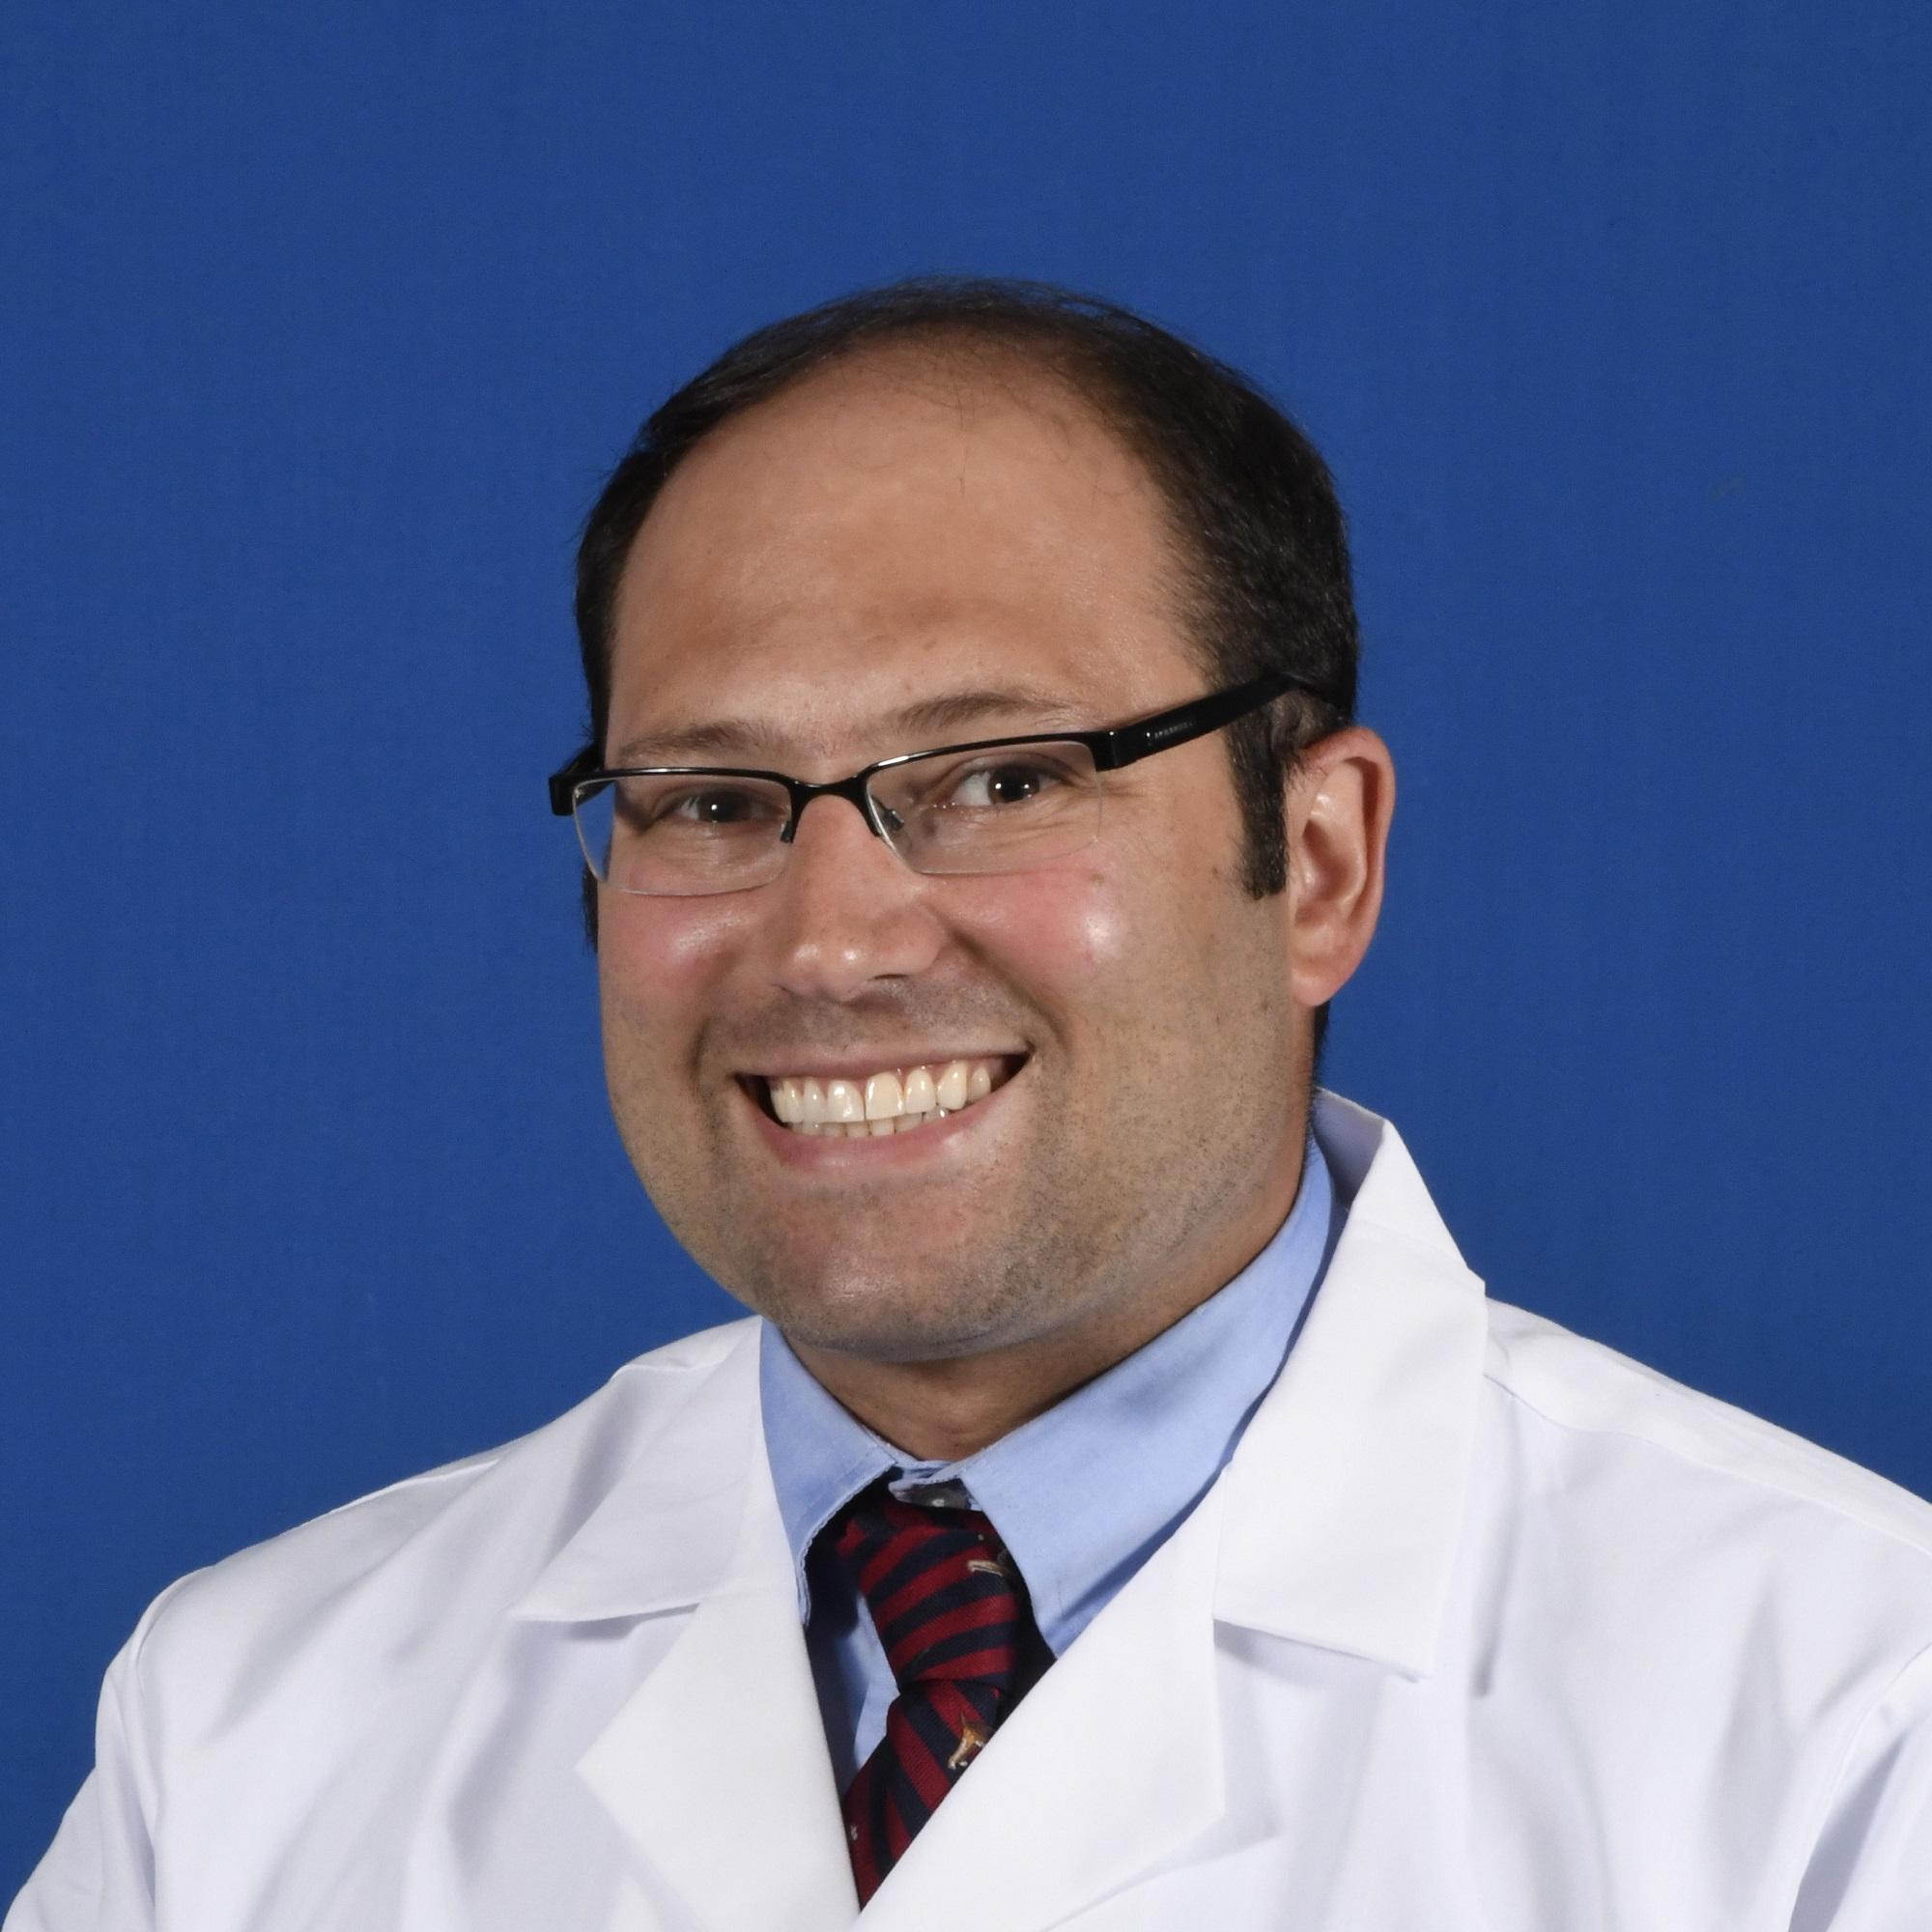 Dr. Thomas A. Woltjer